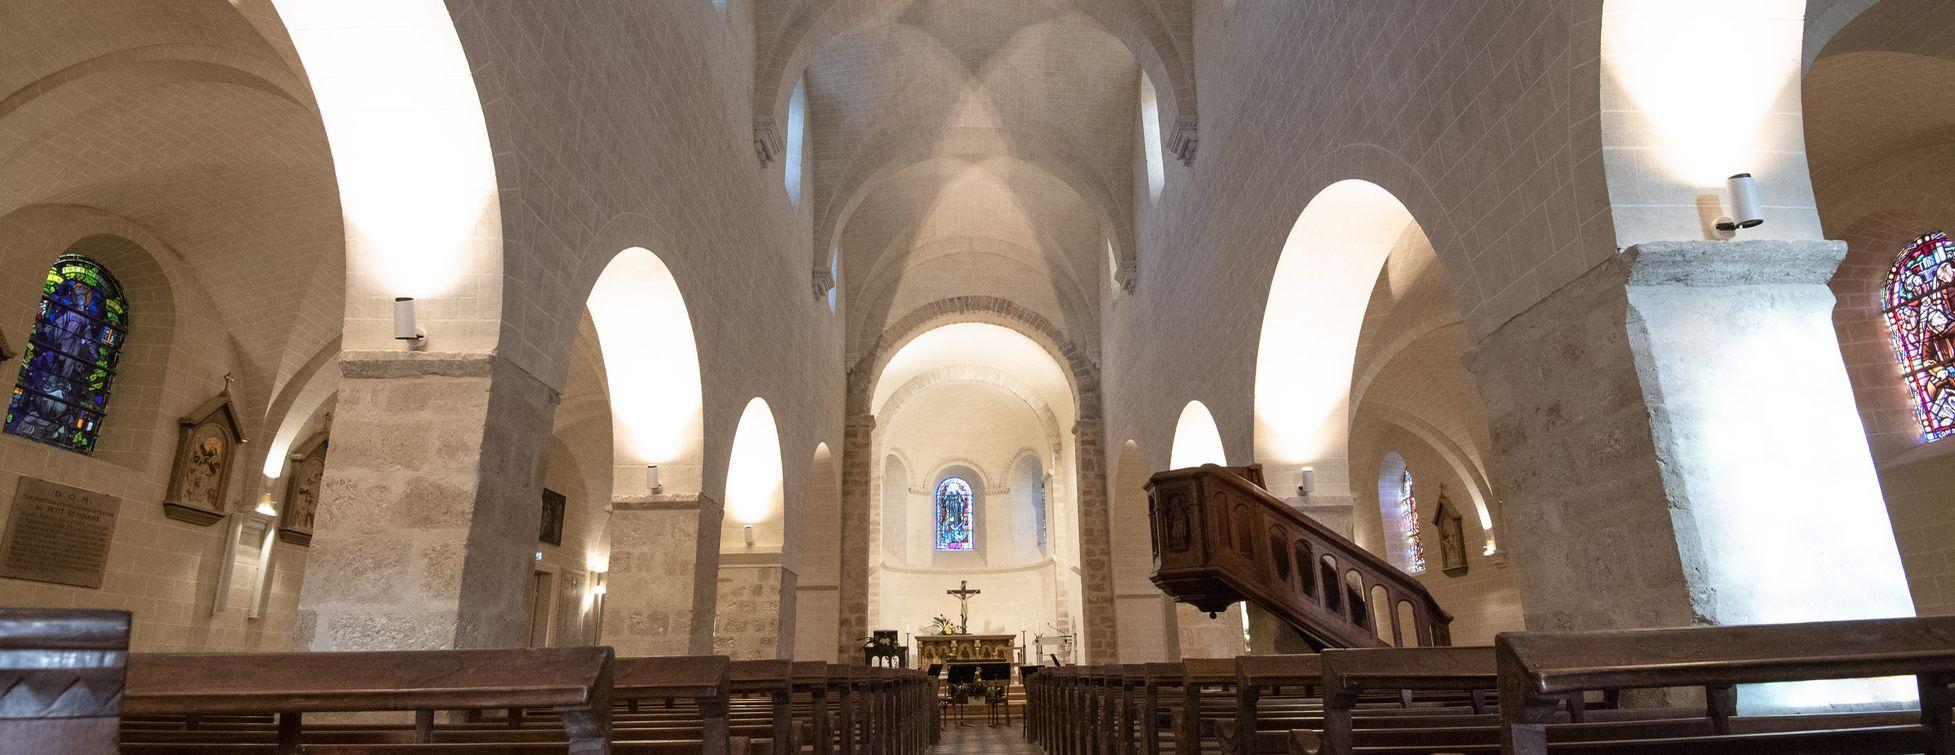 Restauration de l'église Saint-Mesmin